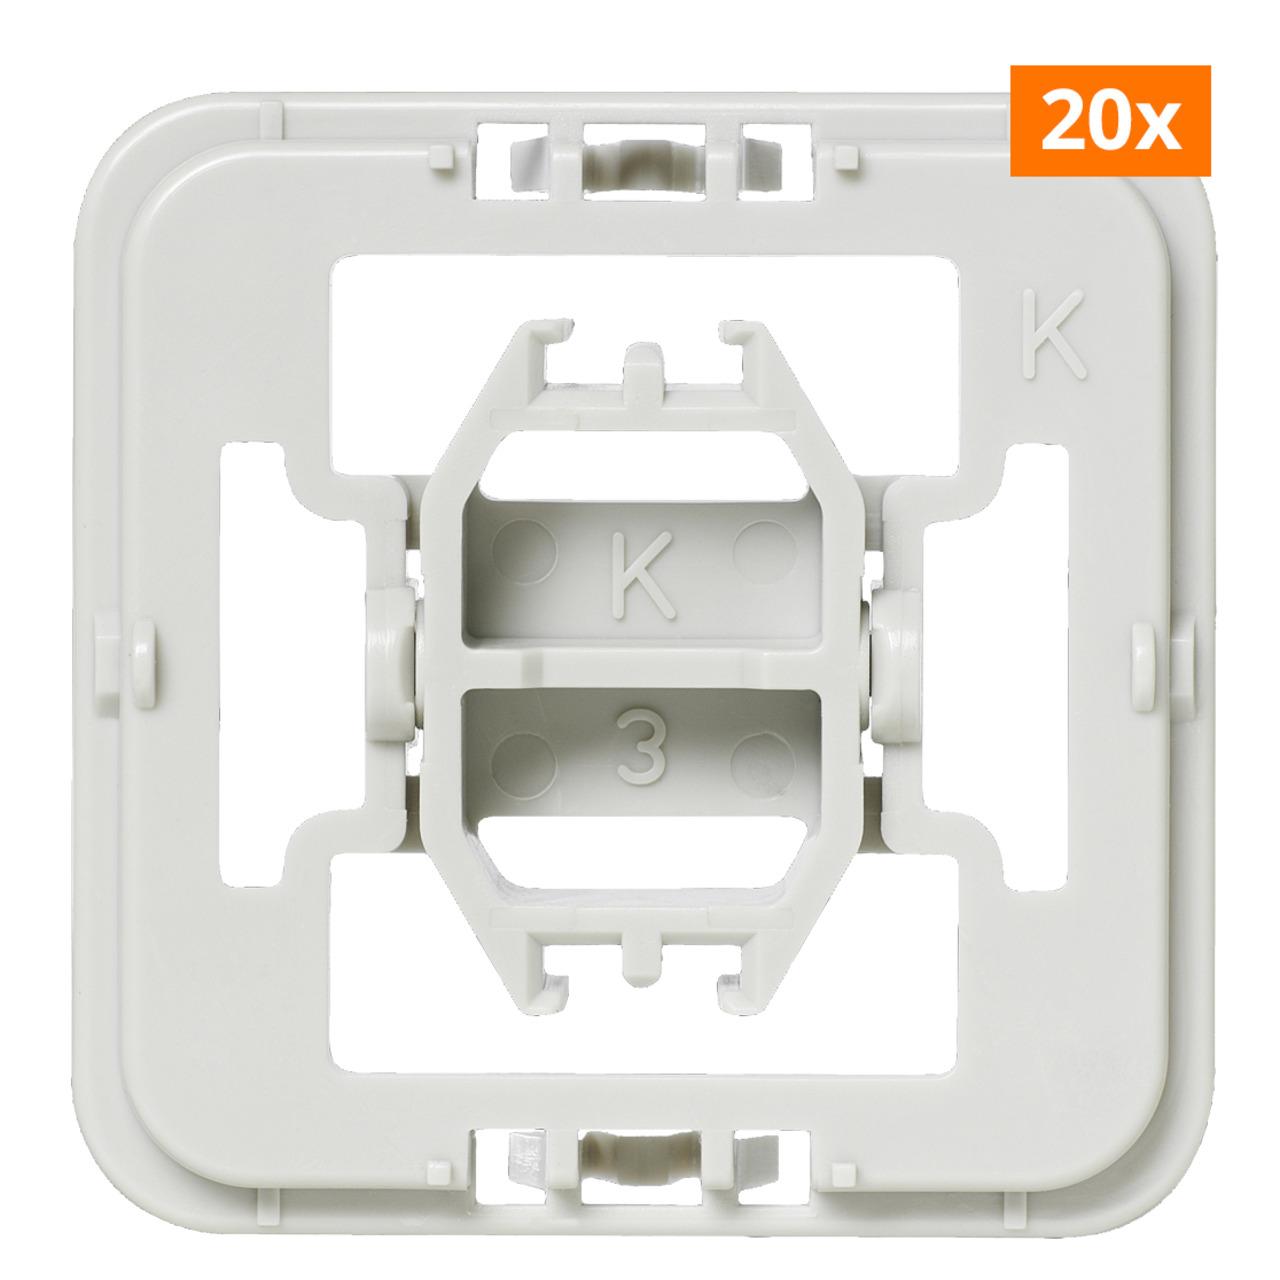 Installationsadapter für Kopp-Schalter- 20er-Set für Smart Home - Hausautomation